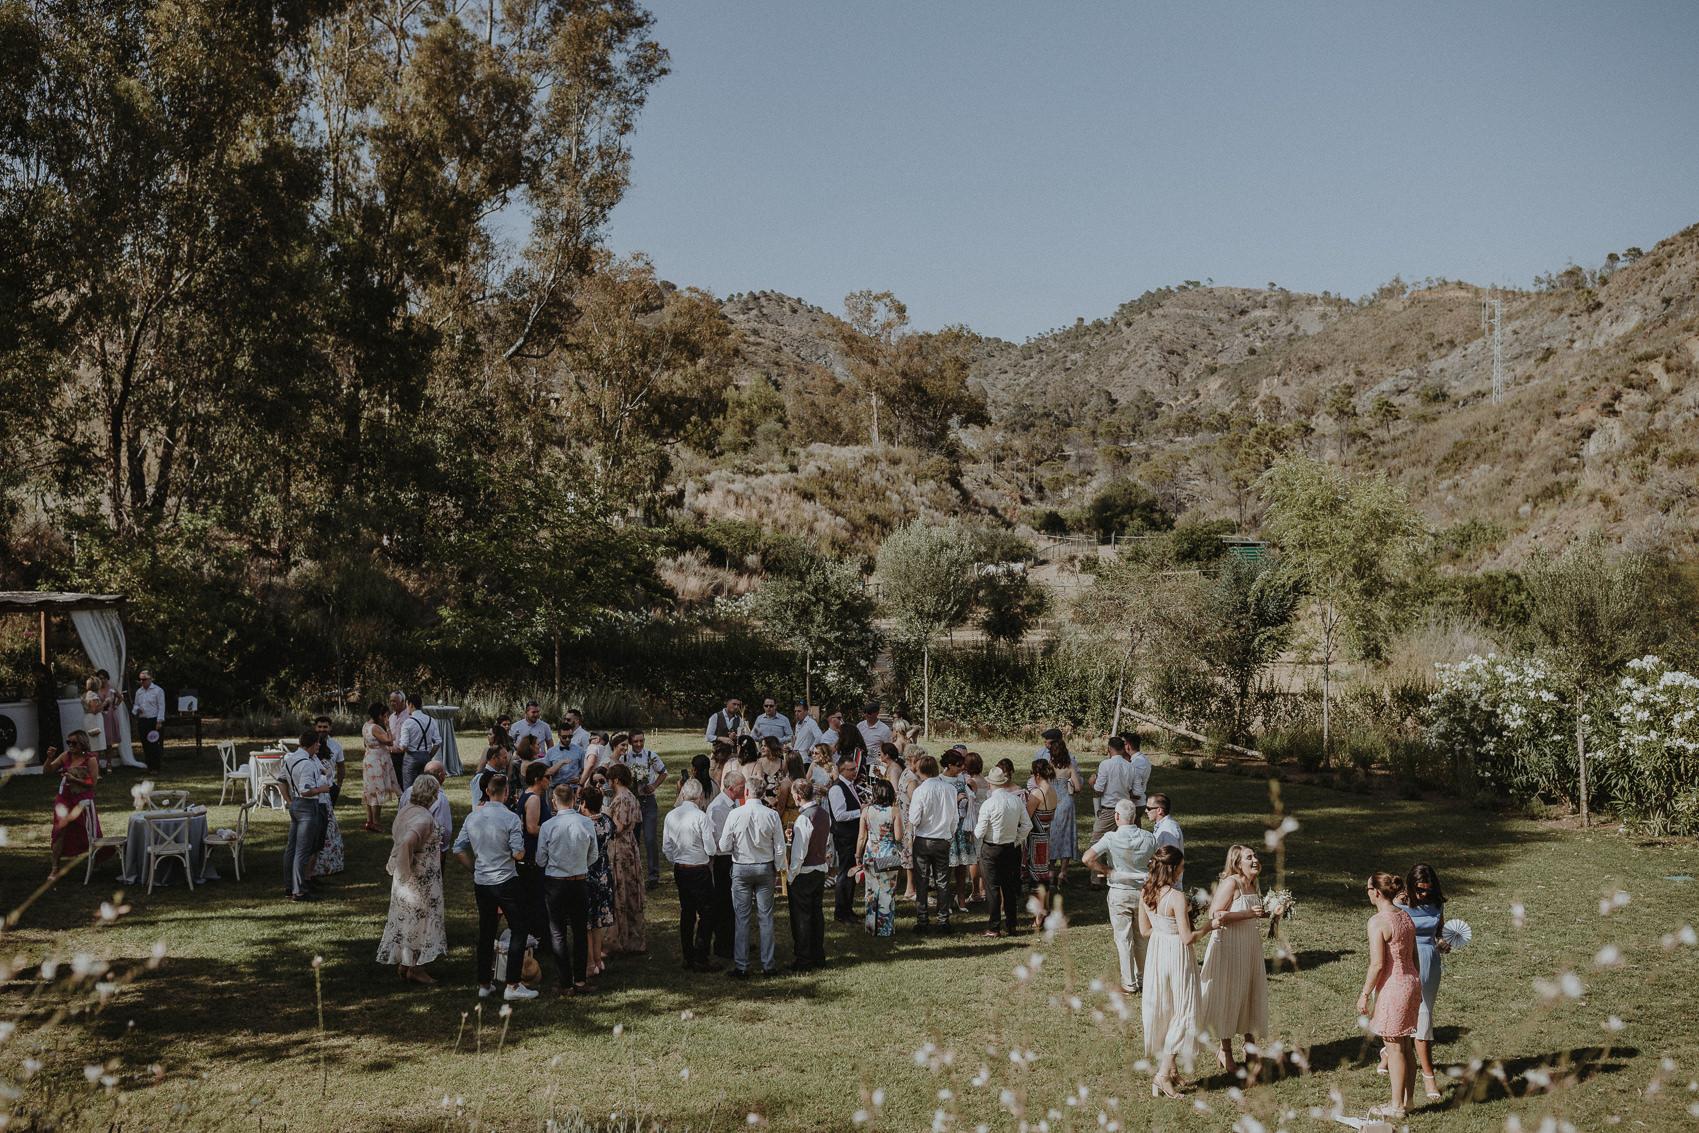 Sarah & Bill | Summer wedding at Cortijo Rosa Blanca | Marbella - Spain 89